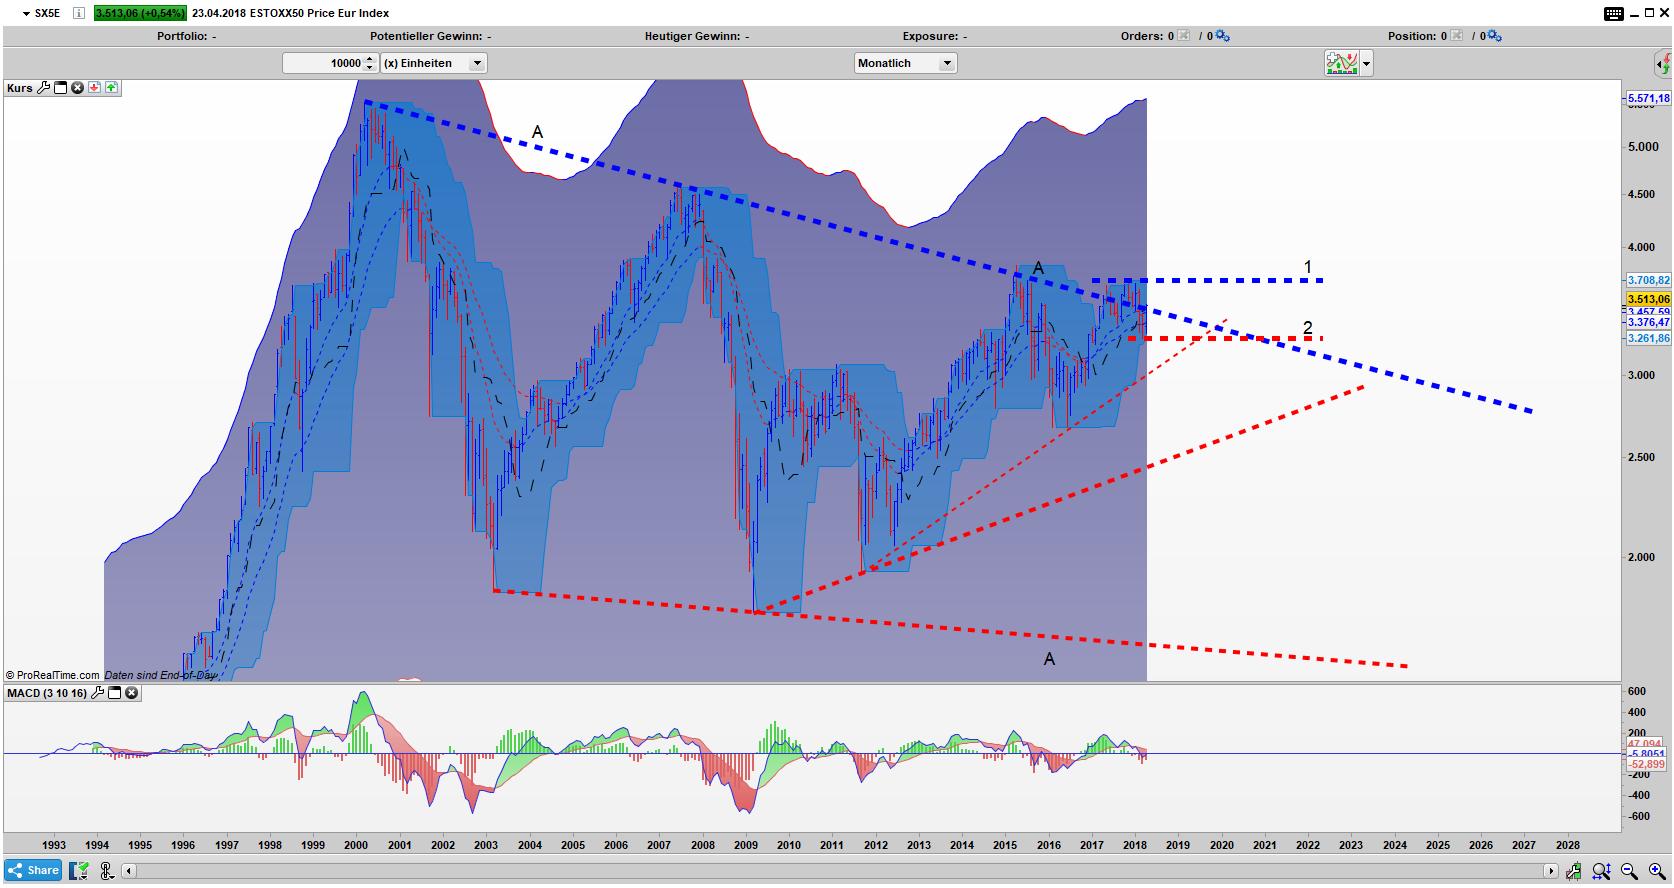 SX5E Bar Monats Chart: Ausbruch aus dem Dreieck A lockt